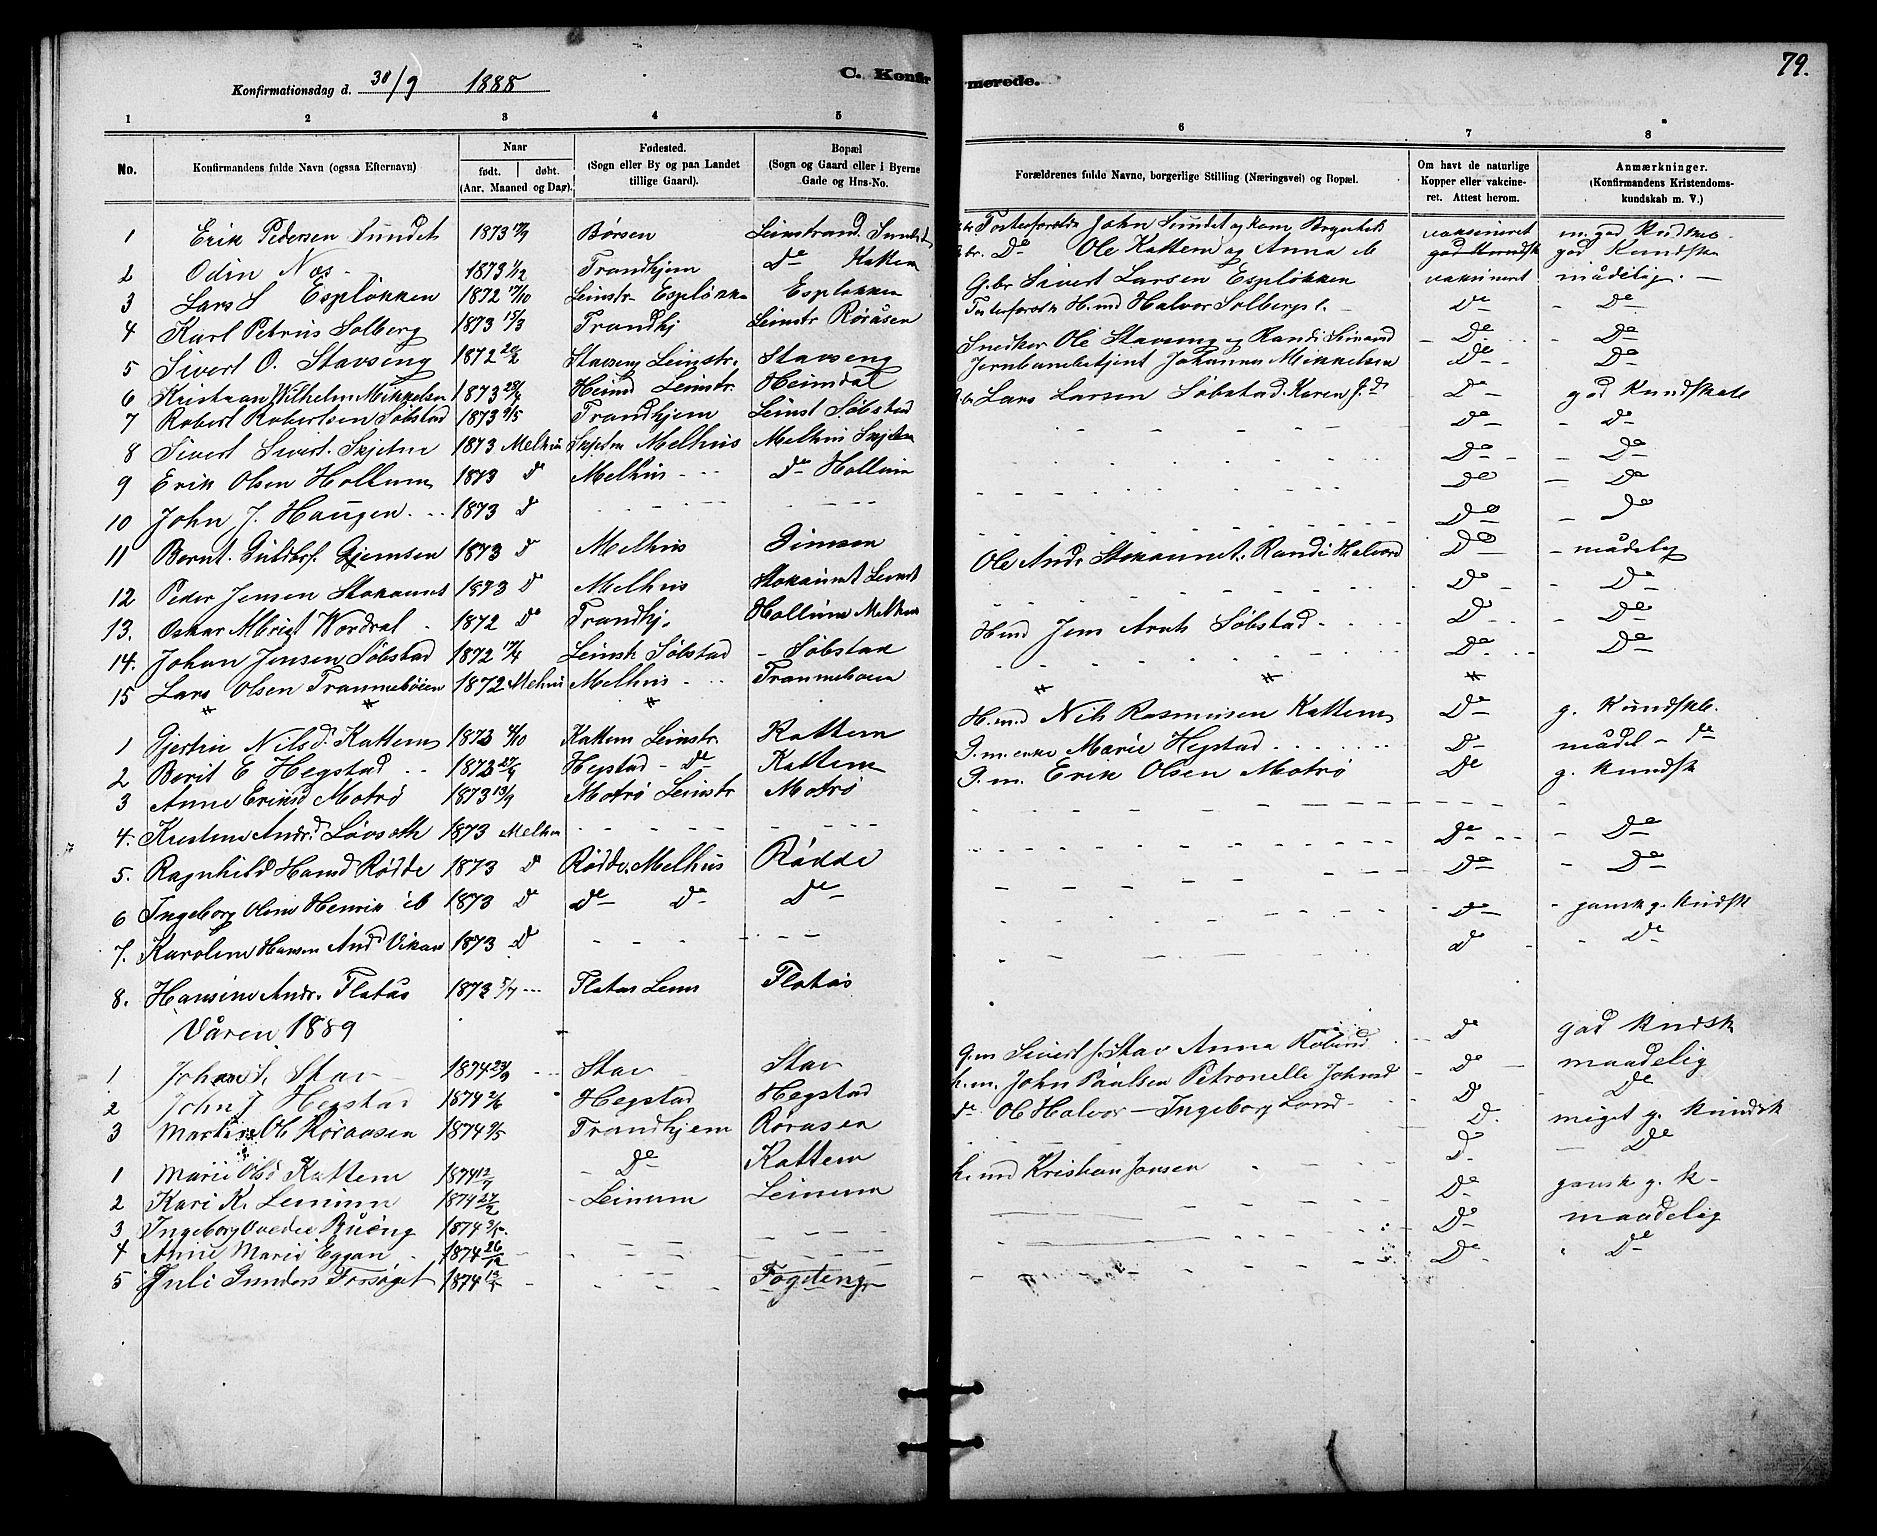 SAT, Ministerialprotokoller, klokkerbøker og fødselsregistre - Sør-Trøndelag, 613/L0395: Klokkerbok nr. 613C03, 1887-1909, s. 79